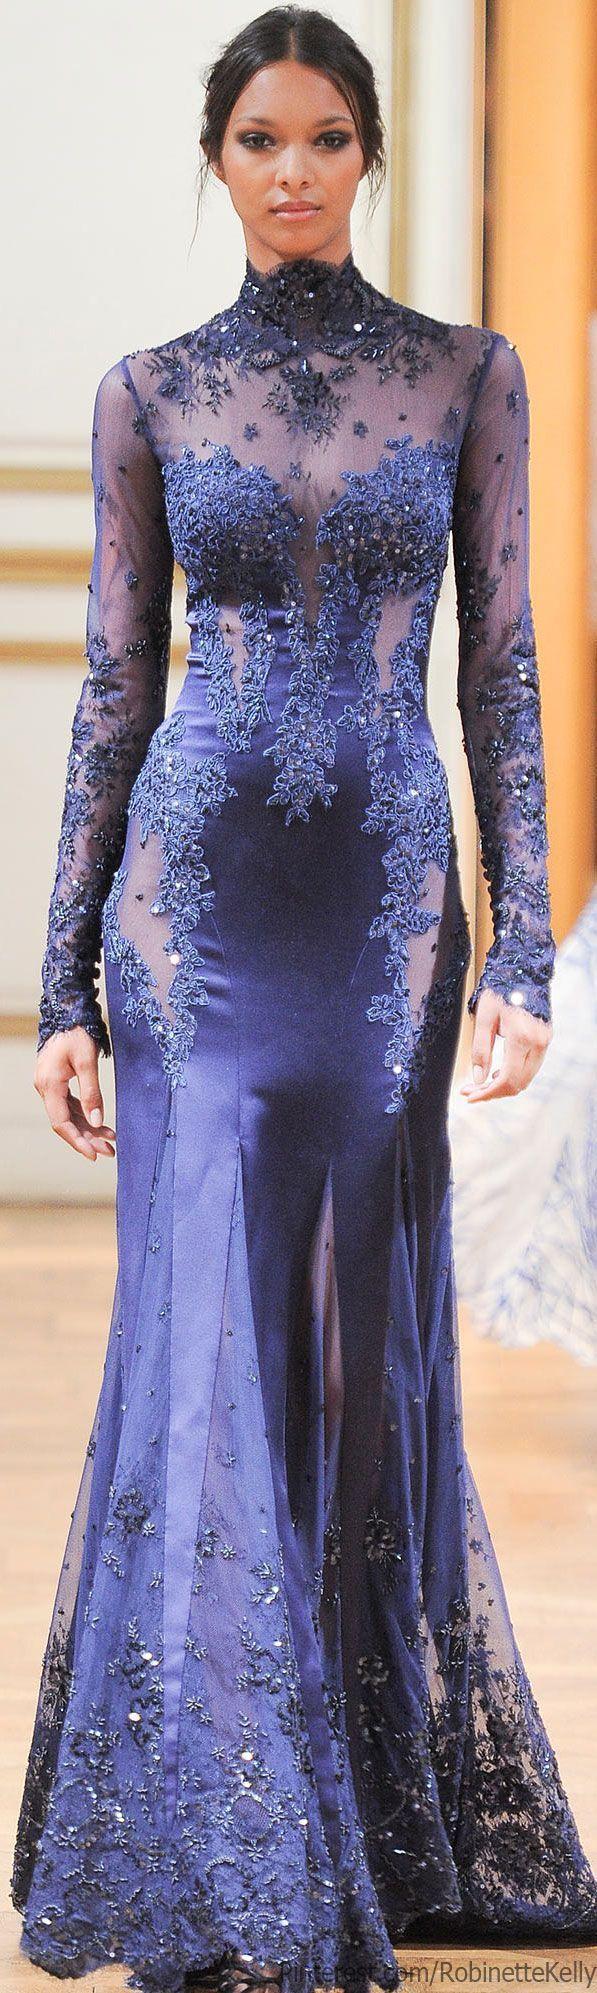 Mejores 127 imágenes de Gorgeous Gowns en Pinterest | Vestidos de ...